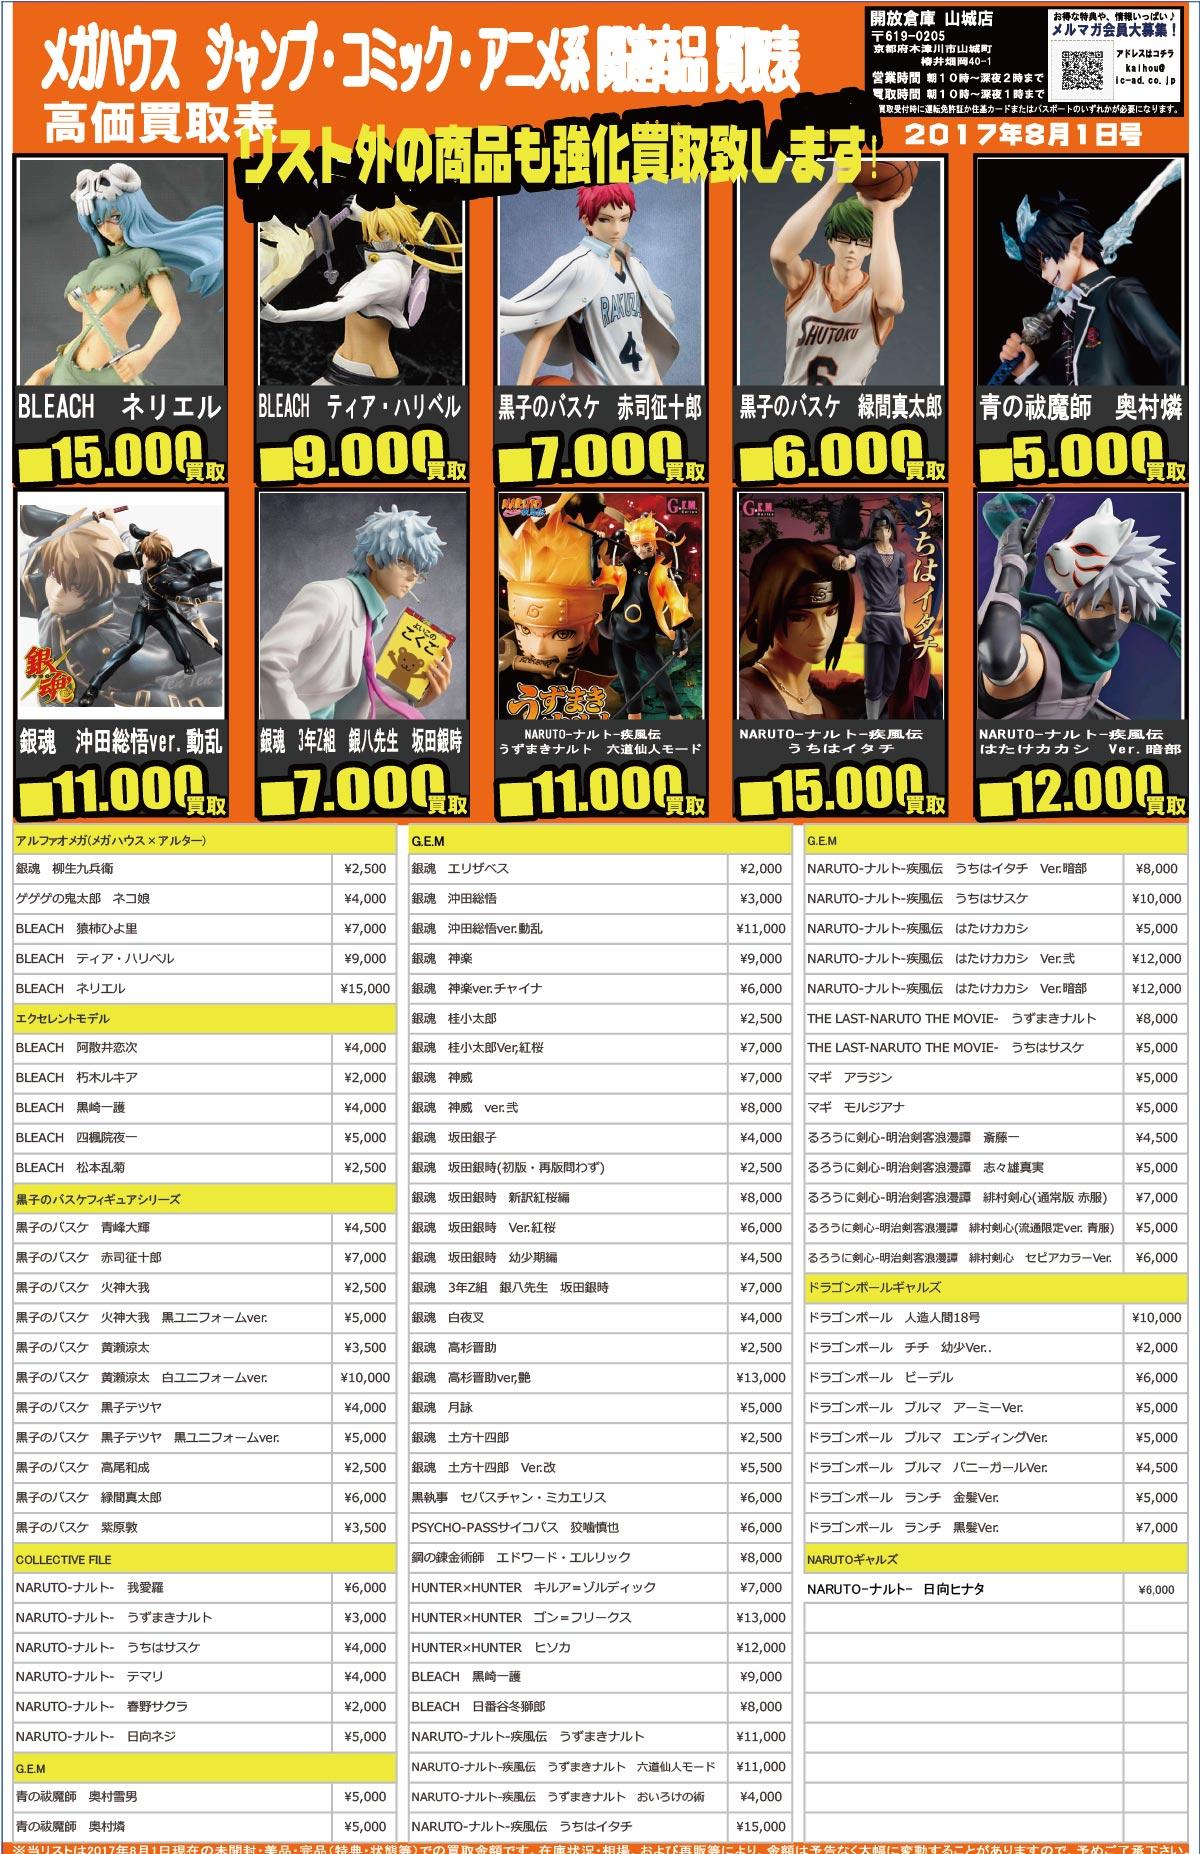 「開放倉庫山城店」おもちゃ買取表<8月1日号>メガハウス/ジャンプ・コミック・アニメ系 関連商品買取表!リスト外の商品も強化買取いたします!